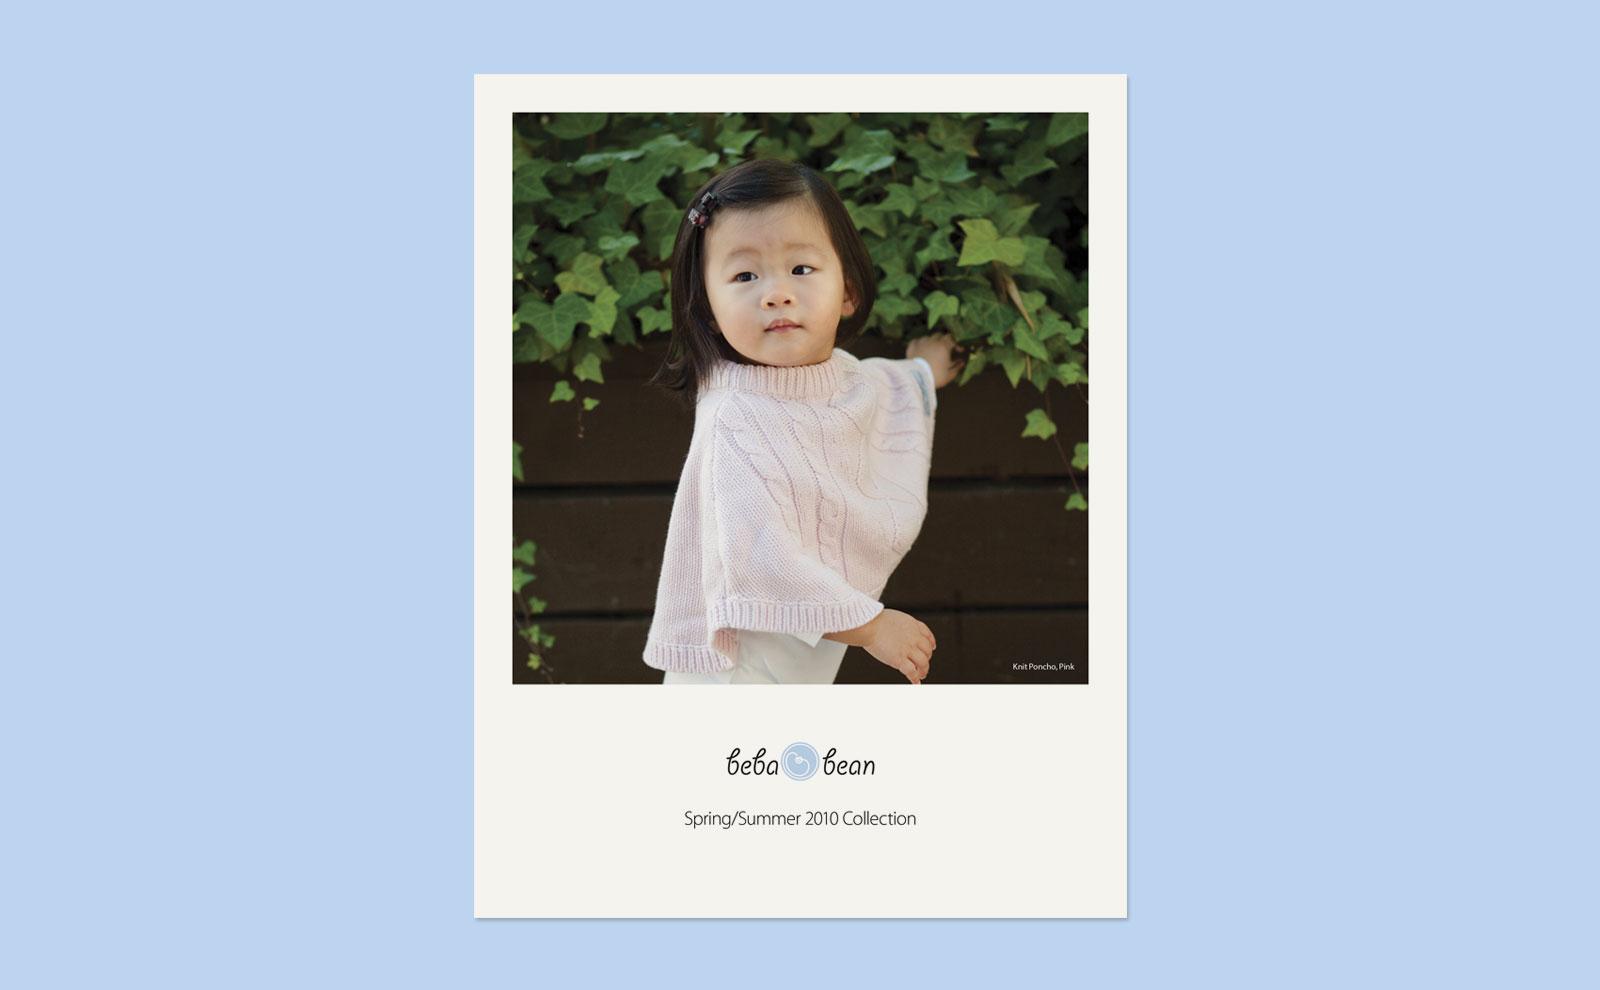 Beba Bean Catalogue Cover